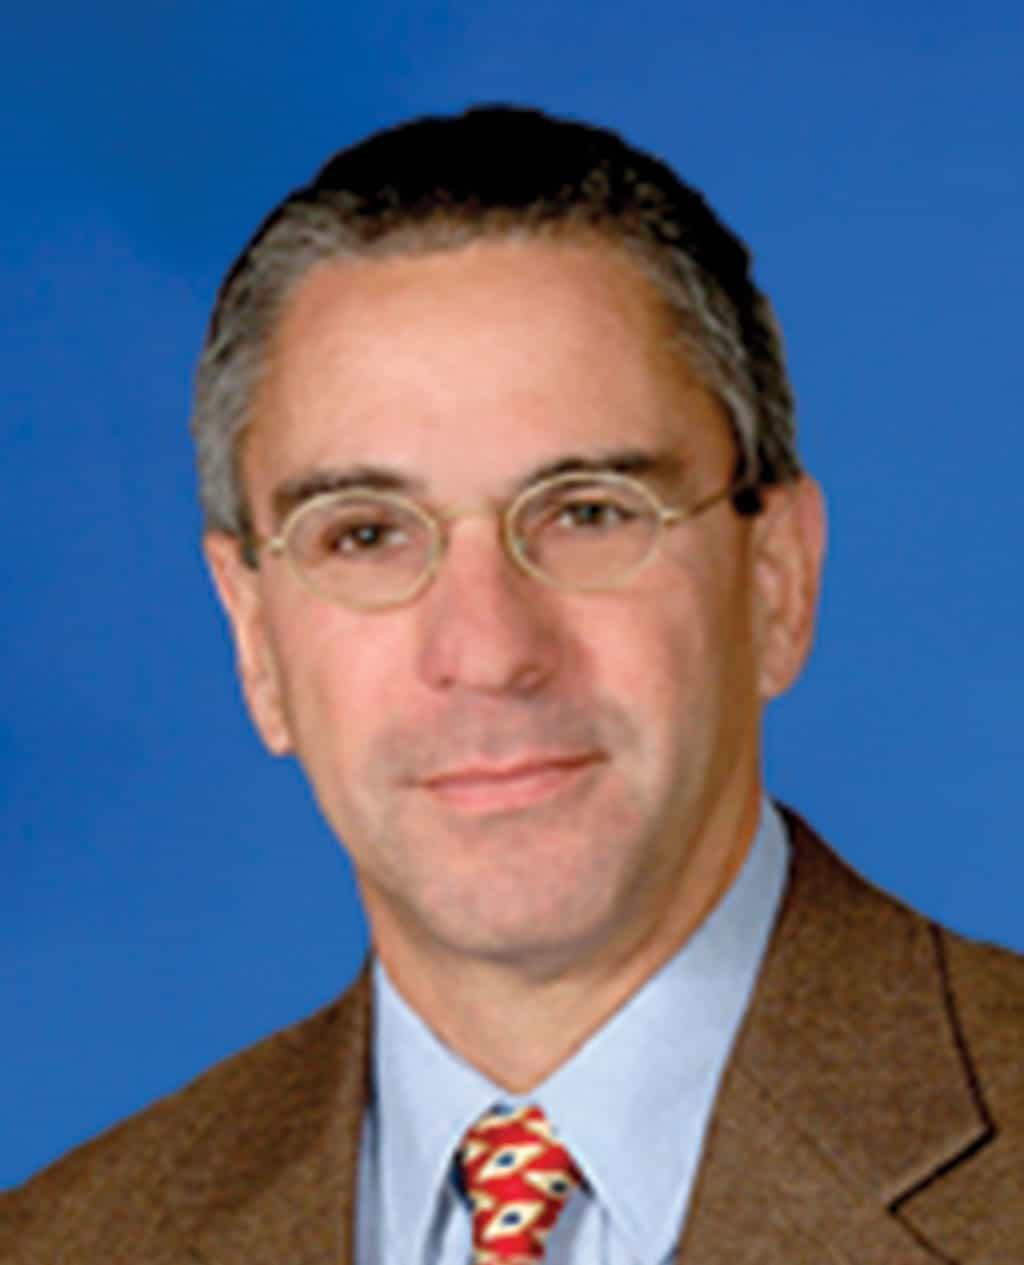 David Schnur, DO